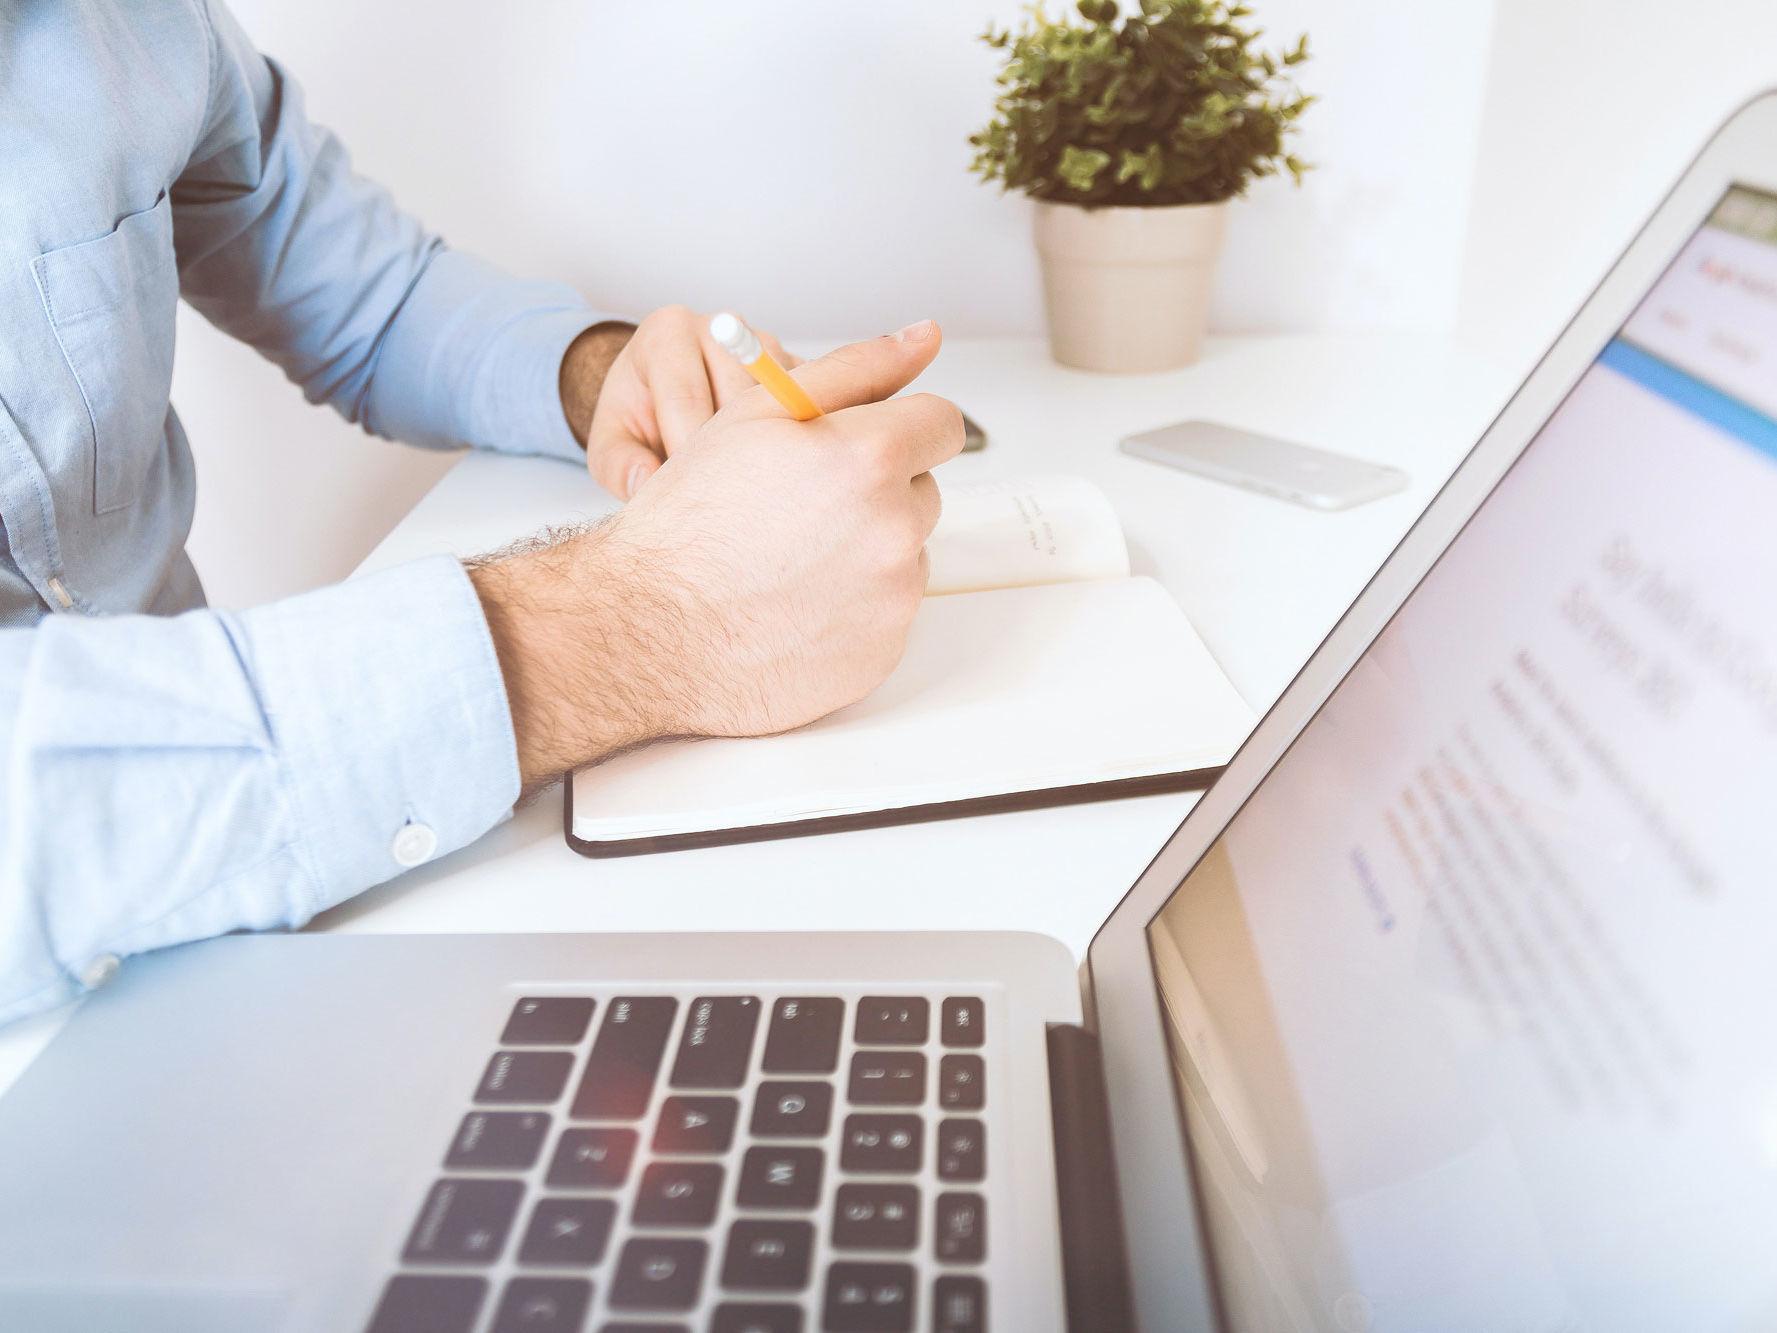 Stratégie digitale : pour produire vos contenus, utilisez votre expertise et cultivez votre différence